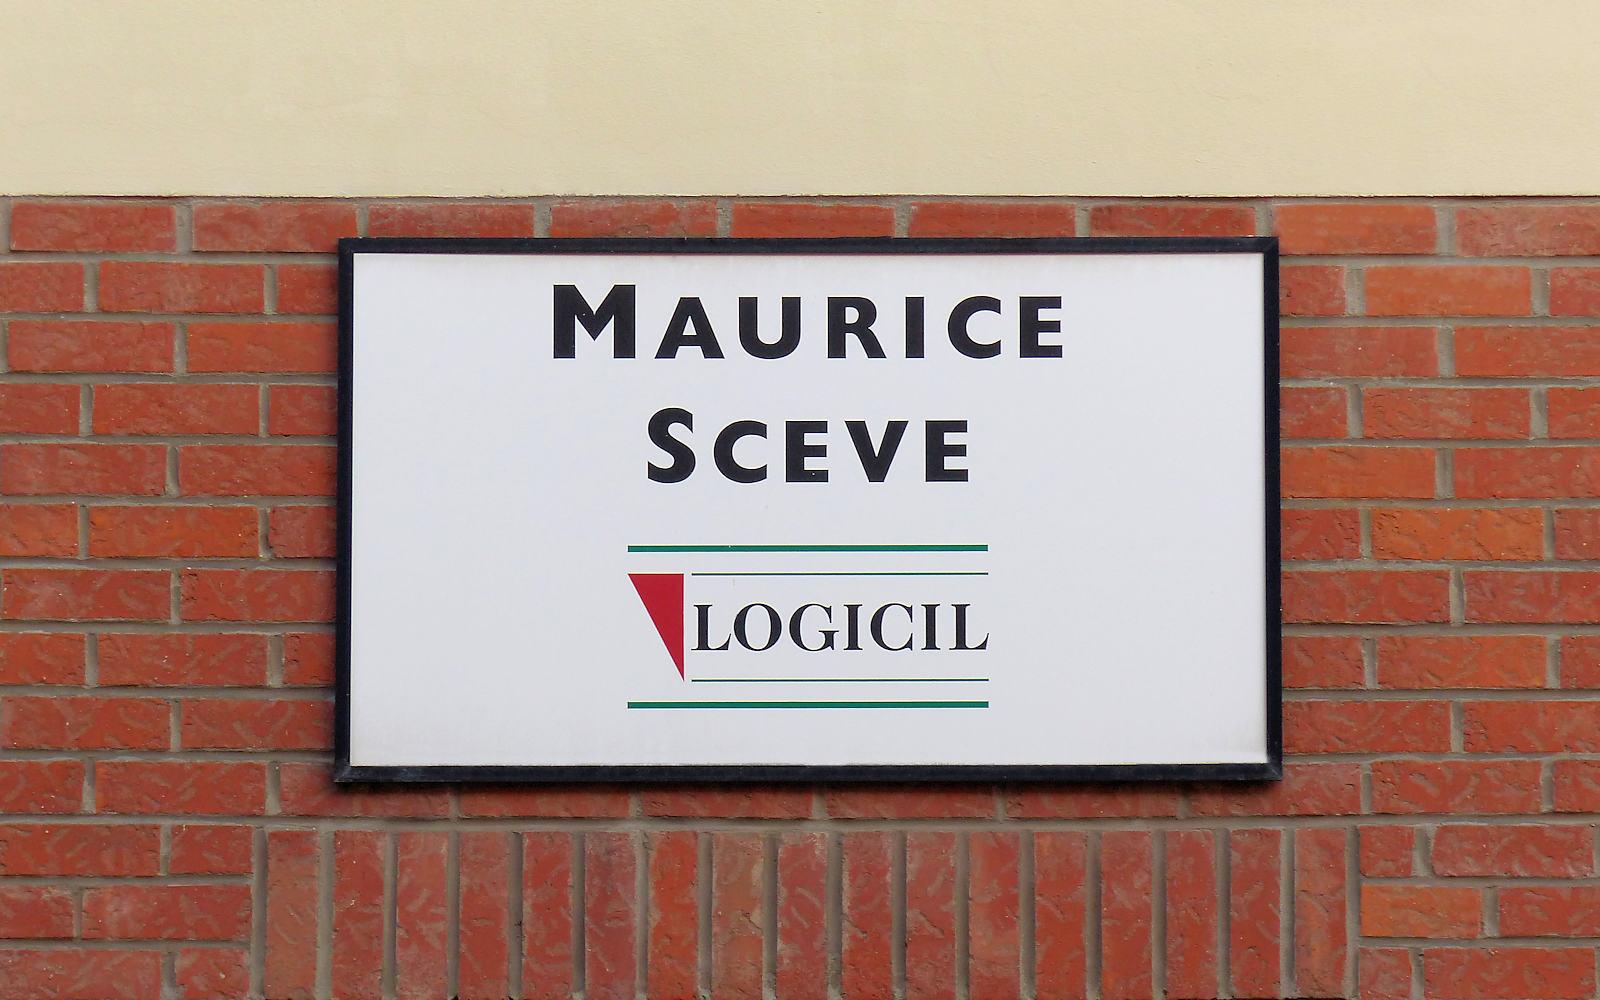 Maurice Scève Logicil - Résidence HLM Tourcoing, rue des anges.